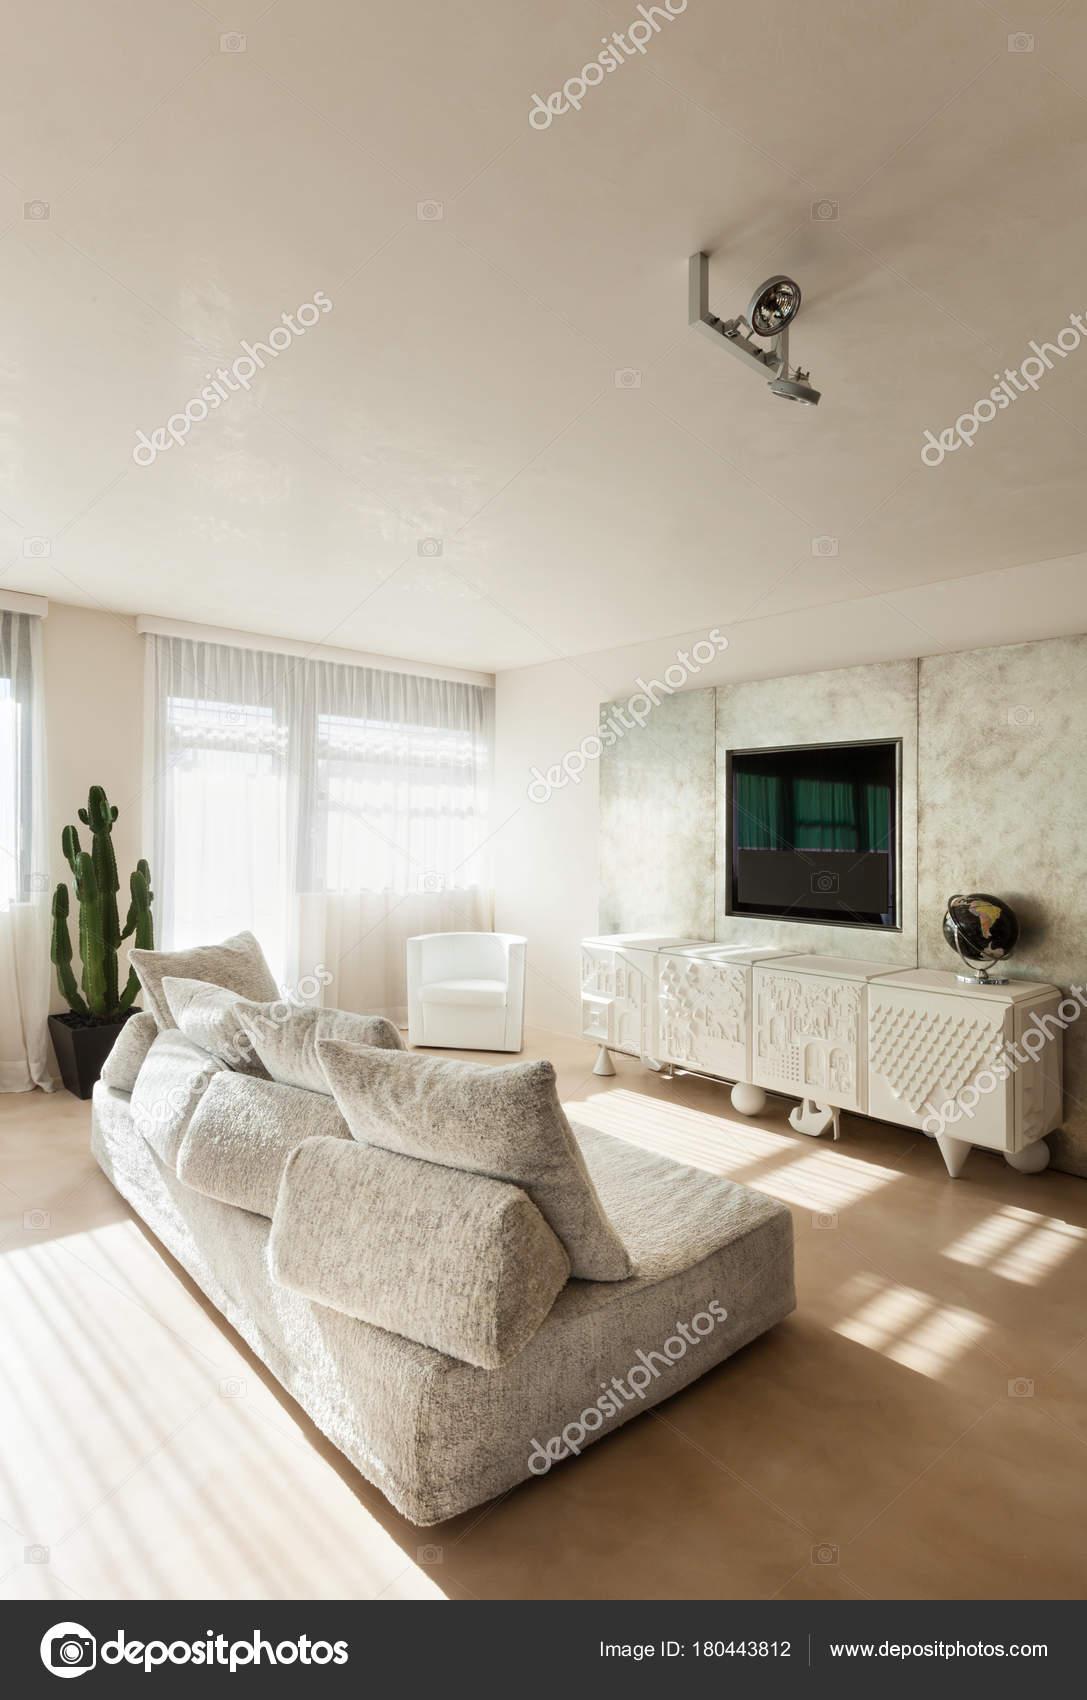 Interieur moderne Wohnung — Stockfoto © Zveiger #180443812